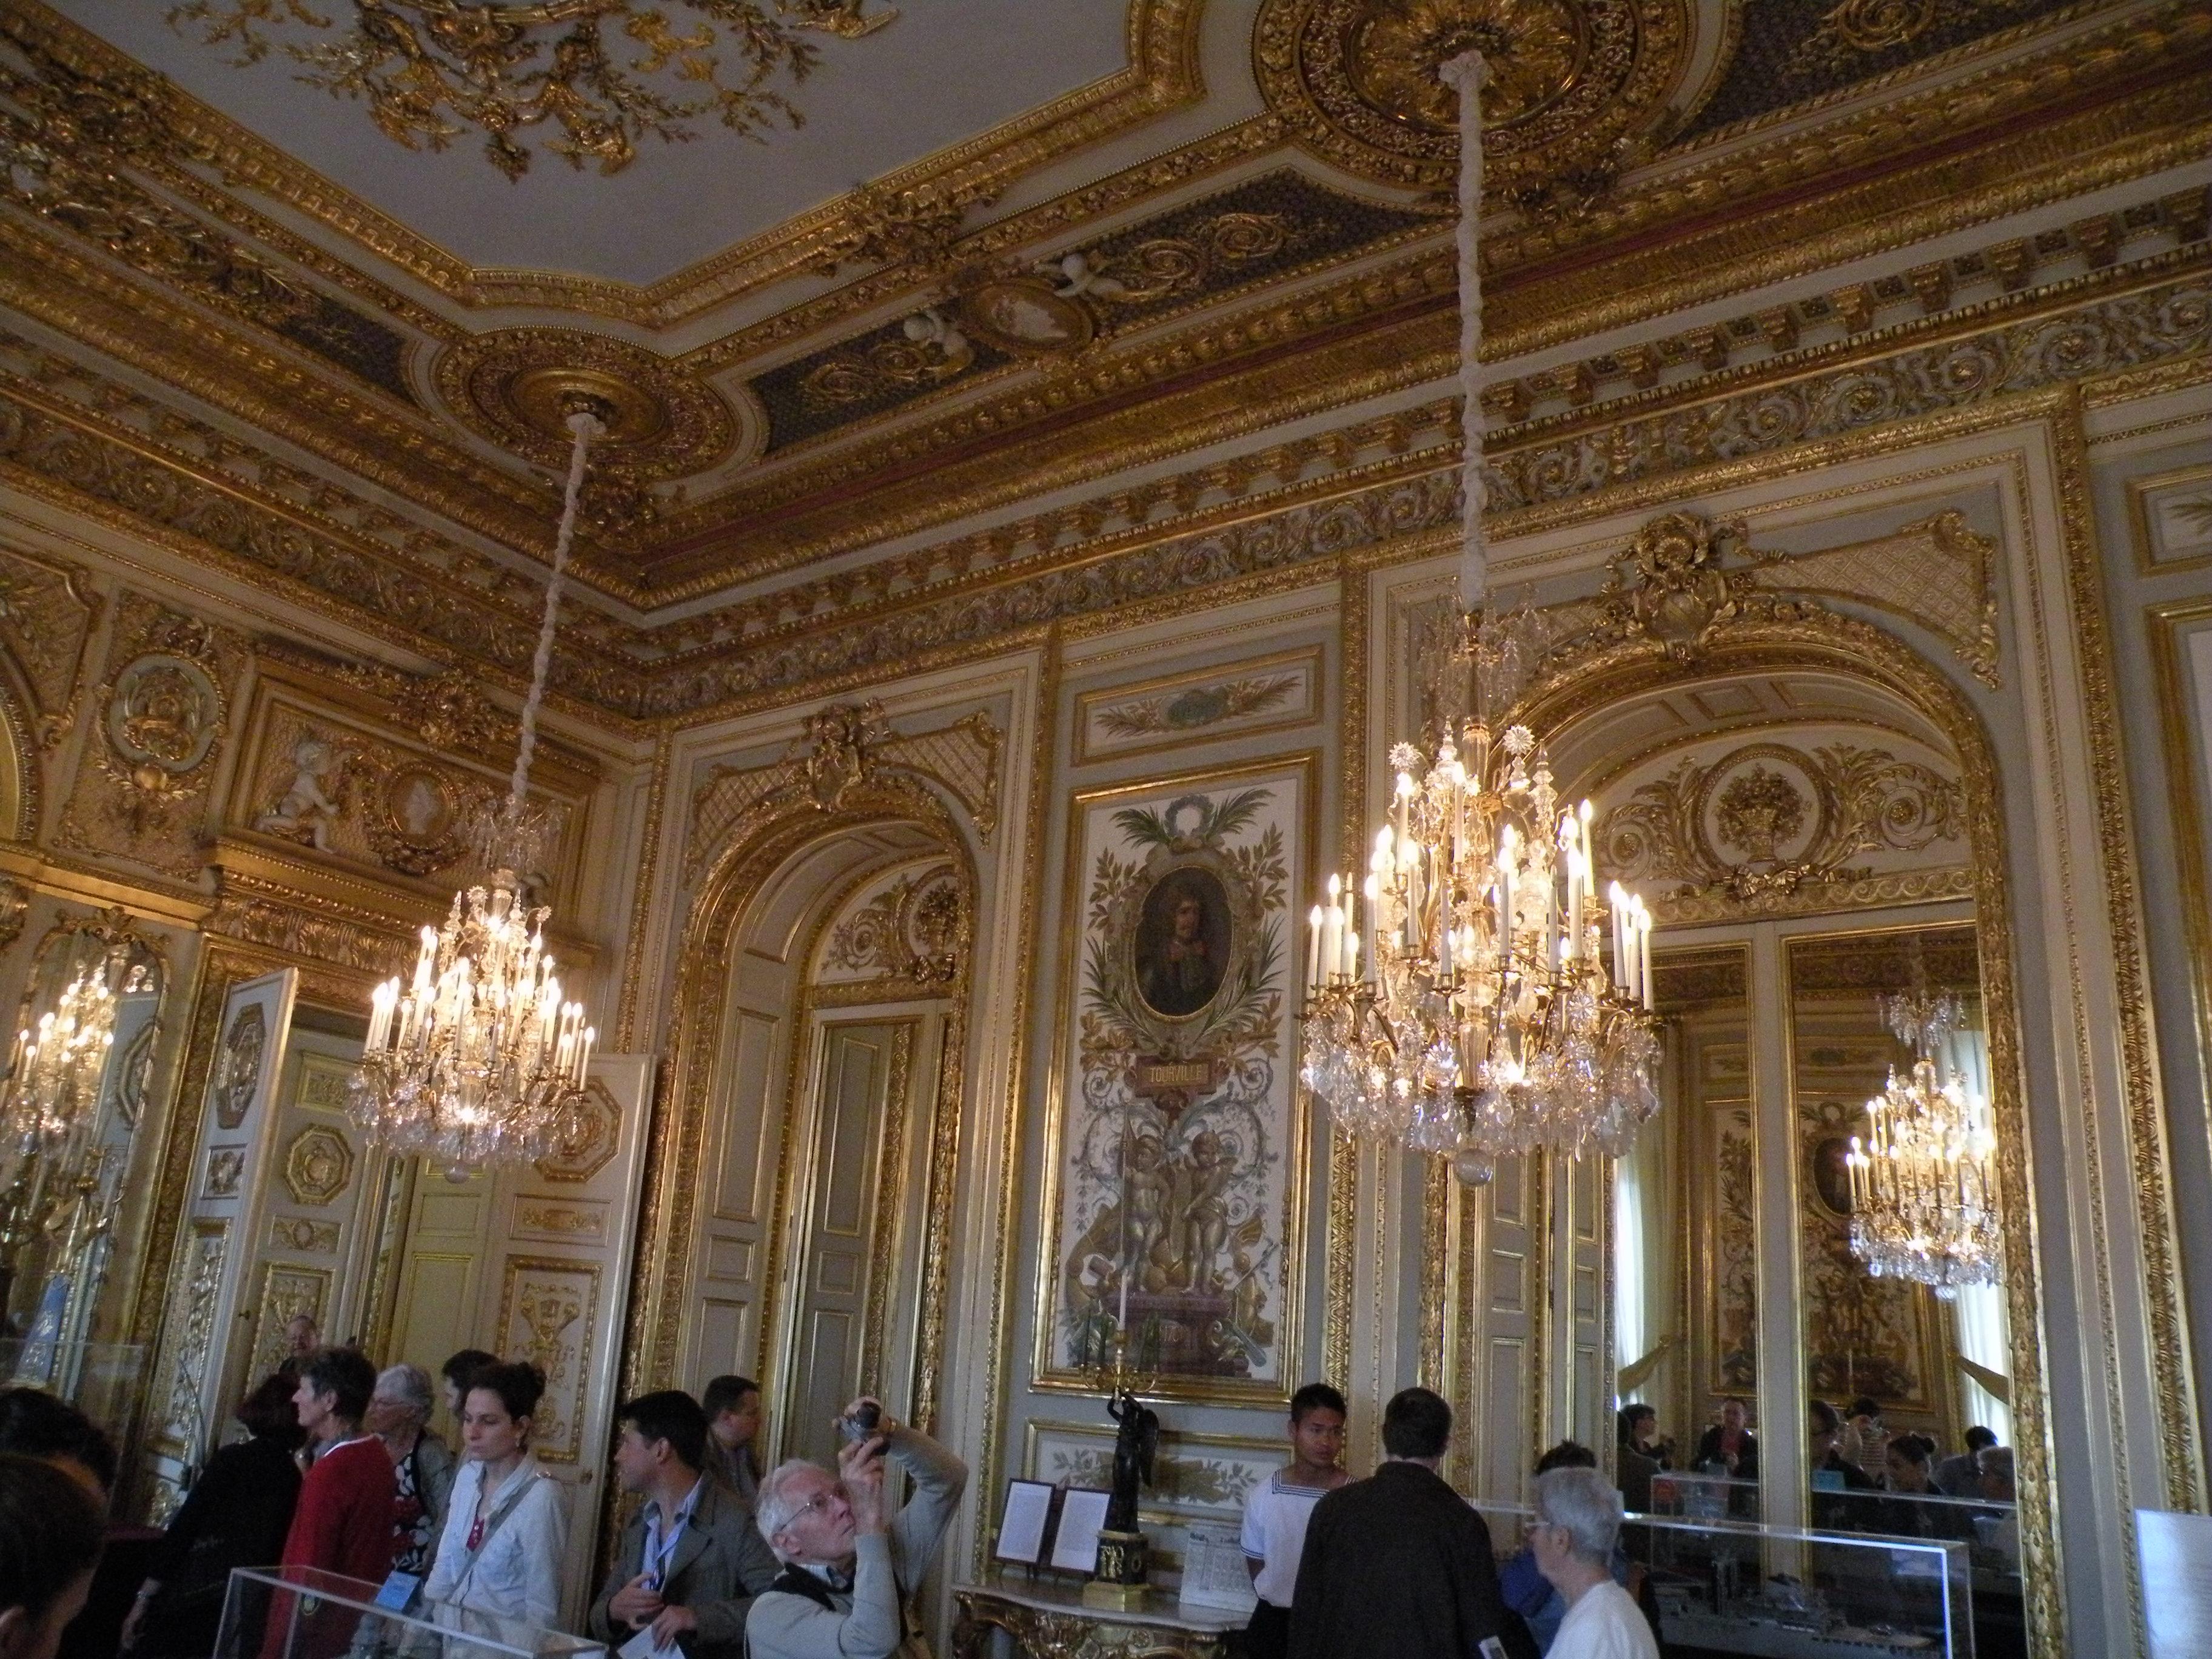 Salle A Manger Paris file:hôtel de la marine (paris) salle a manger d'honneur 5